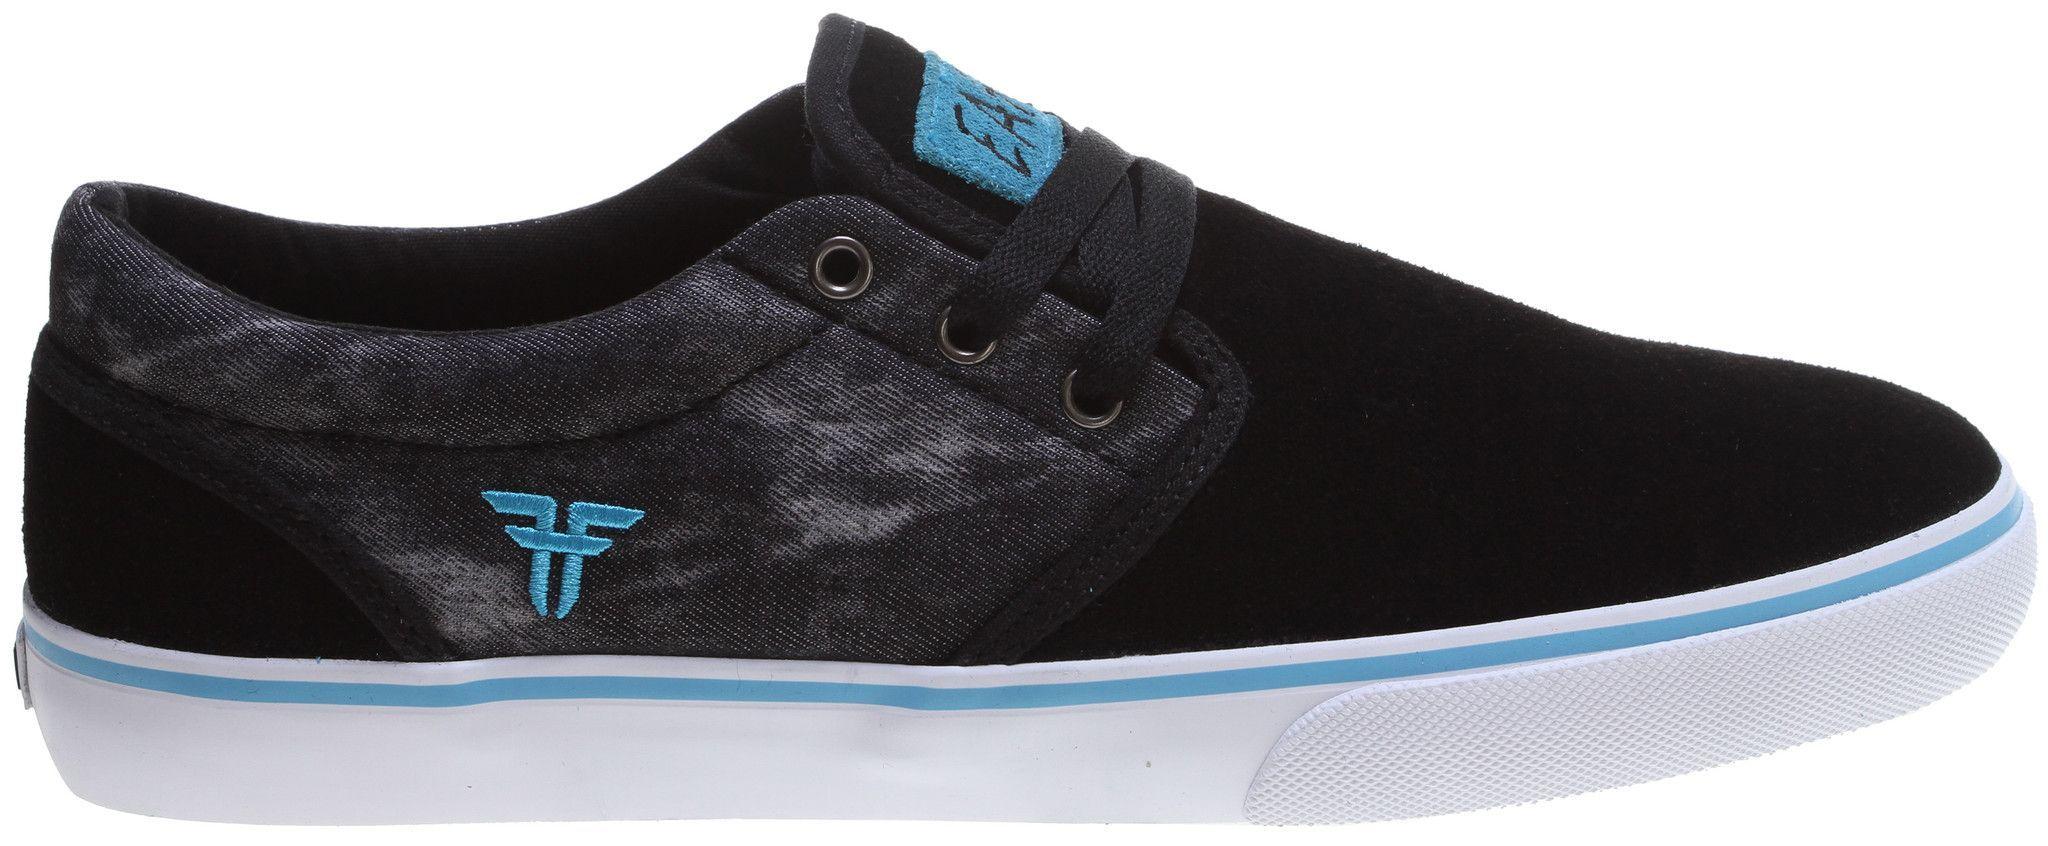 Zapatos negros Fallen para hombre ndwBoBUs4